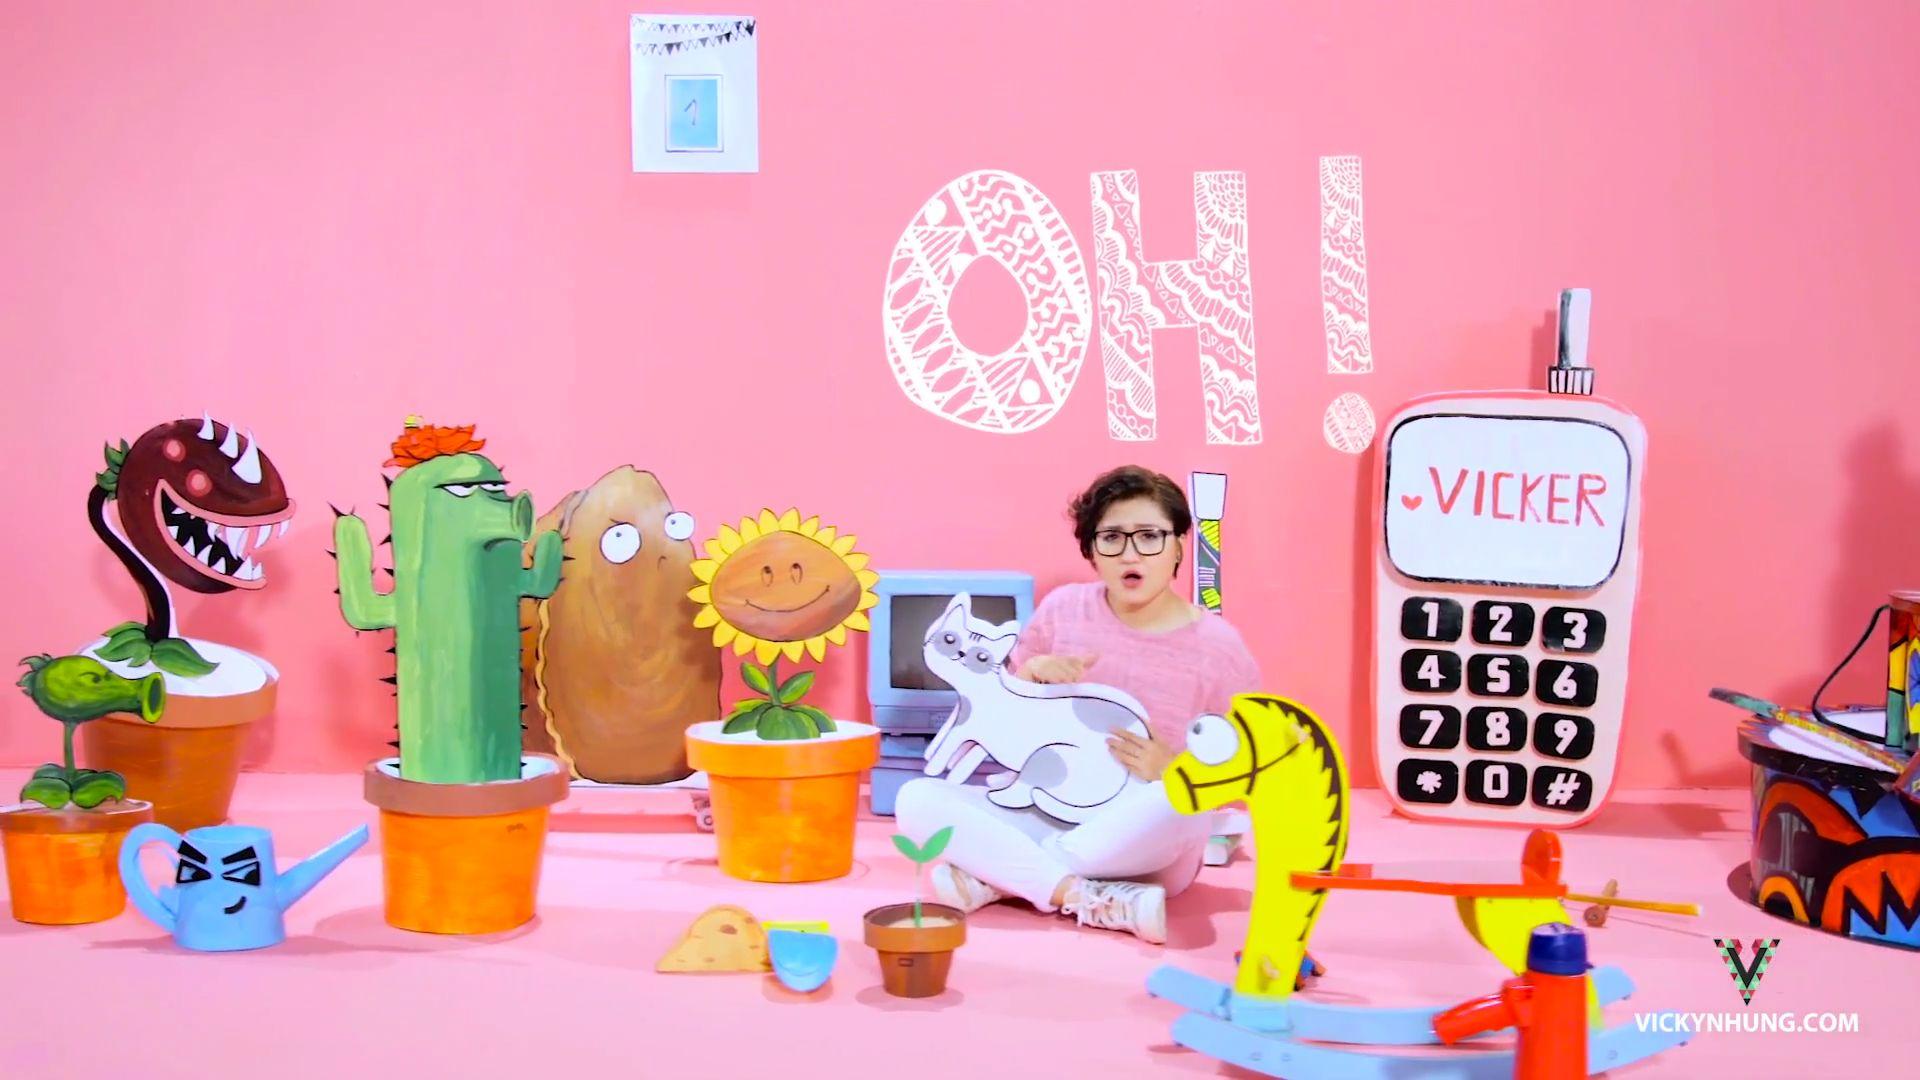 Vicky Nhung Debuts New Single - Nói Đi Mà